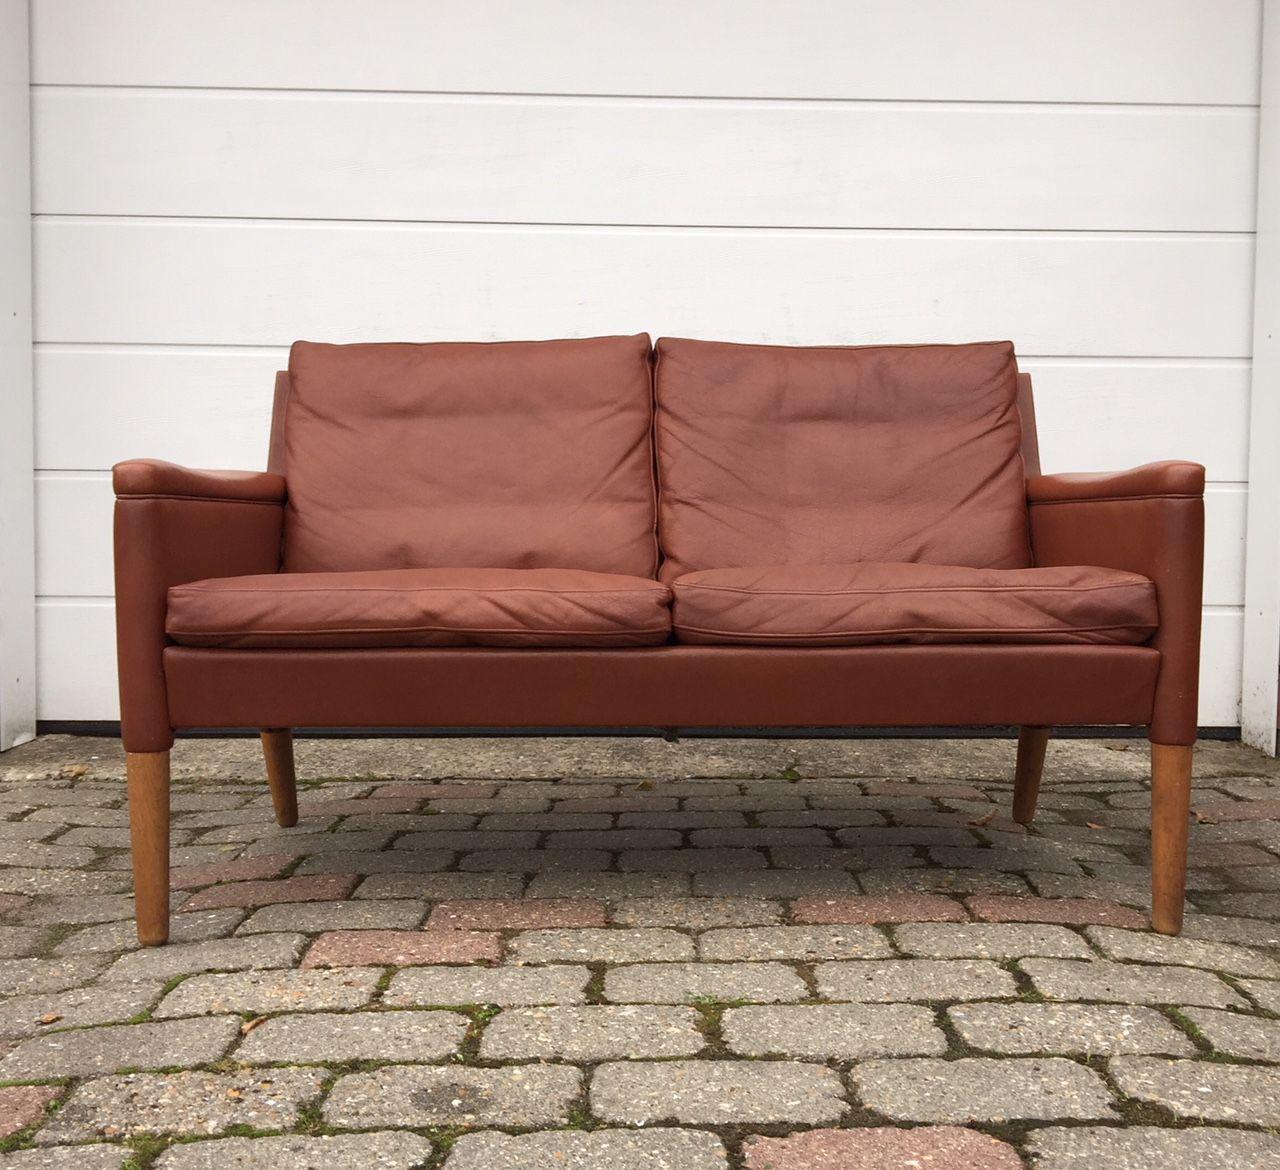 Modell 55 2-Sitzer Sofa von Kurt Østervig für Centrum Møbler, 1950er